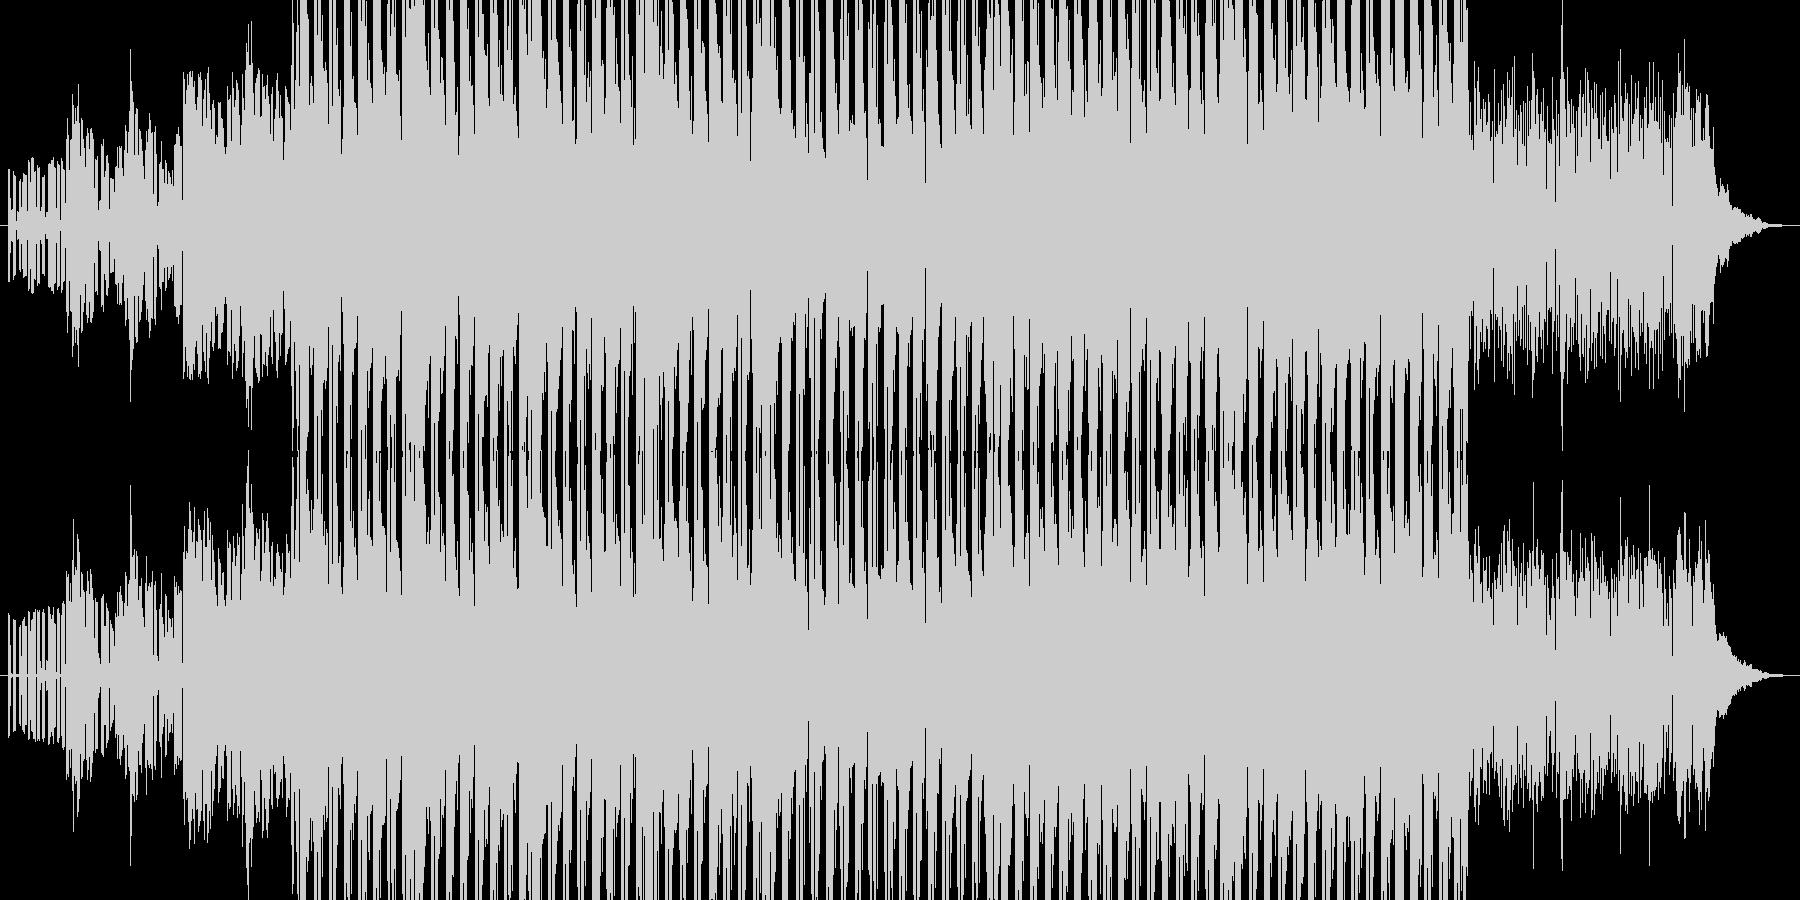 力強く駆け抜けるデジタルポップの未再生の波形